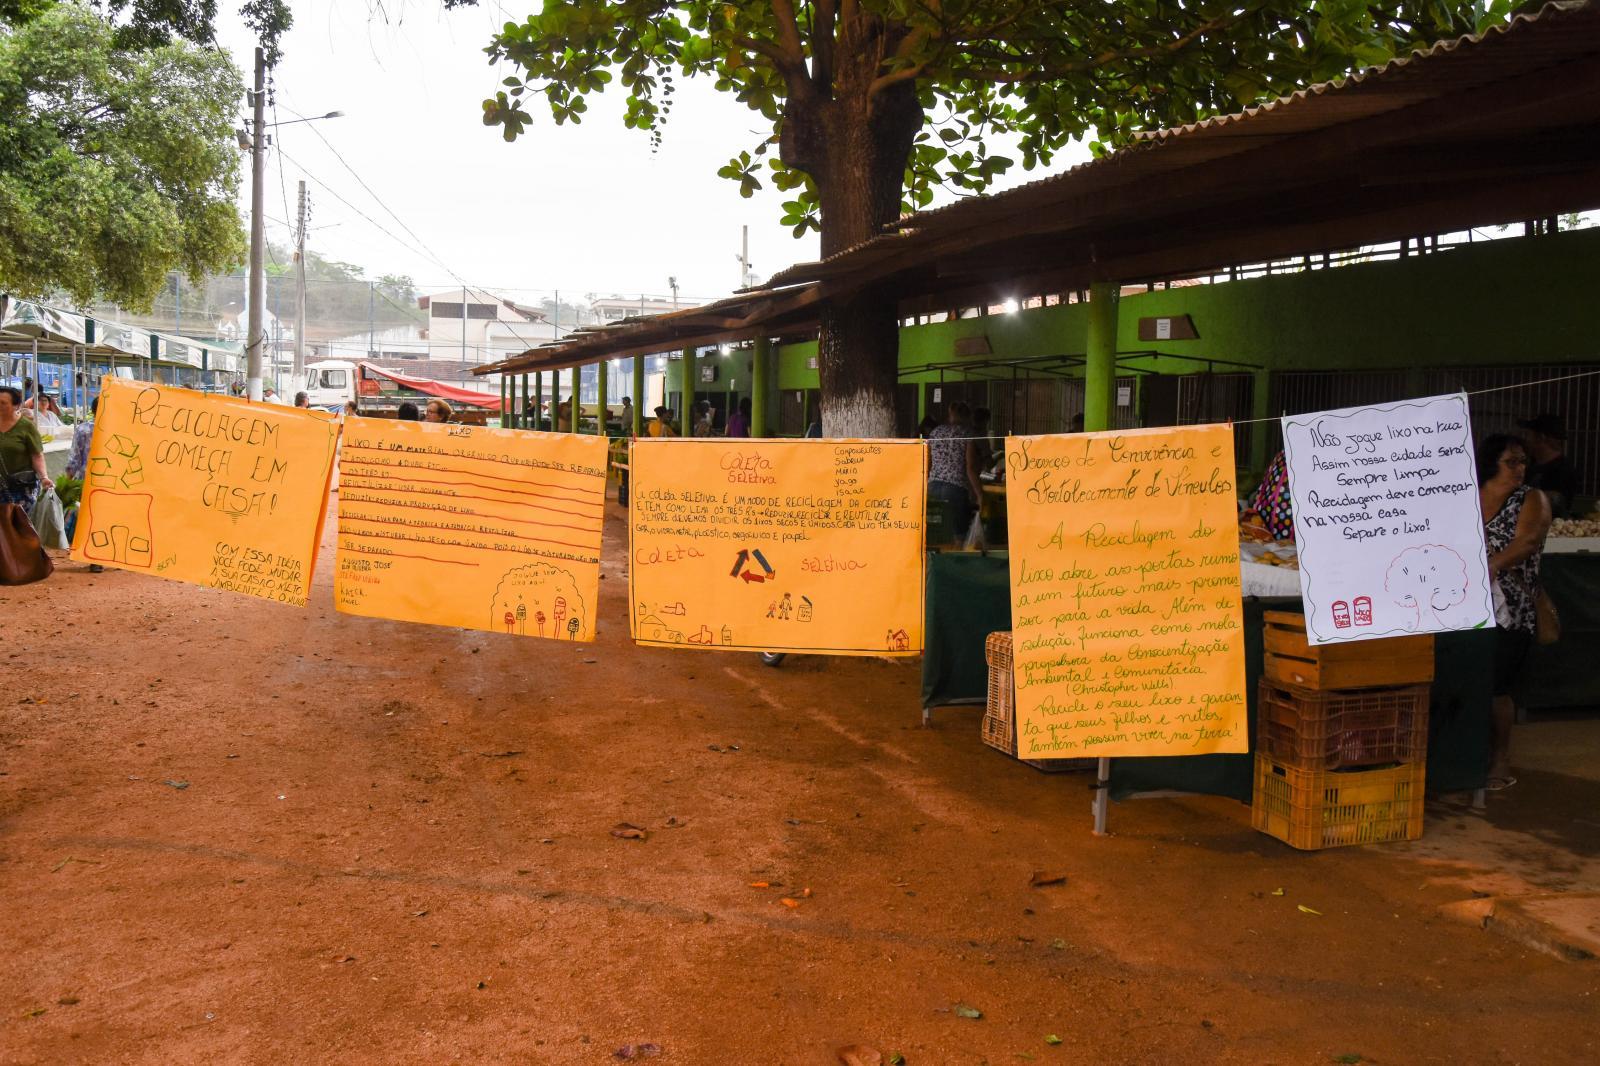 Semana da Coleta Seletiva chamou atenção para a separação e destinação adequadas do lixo